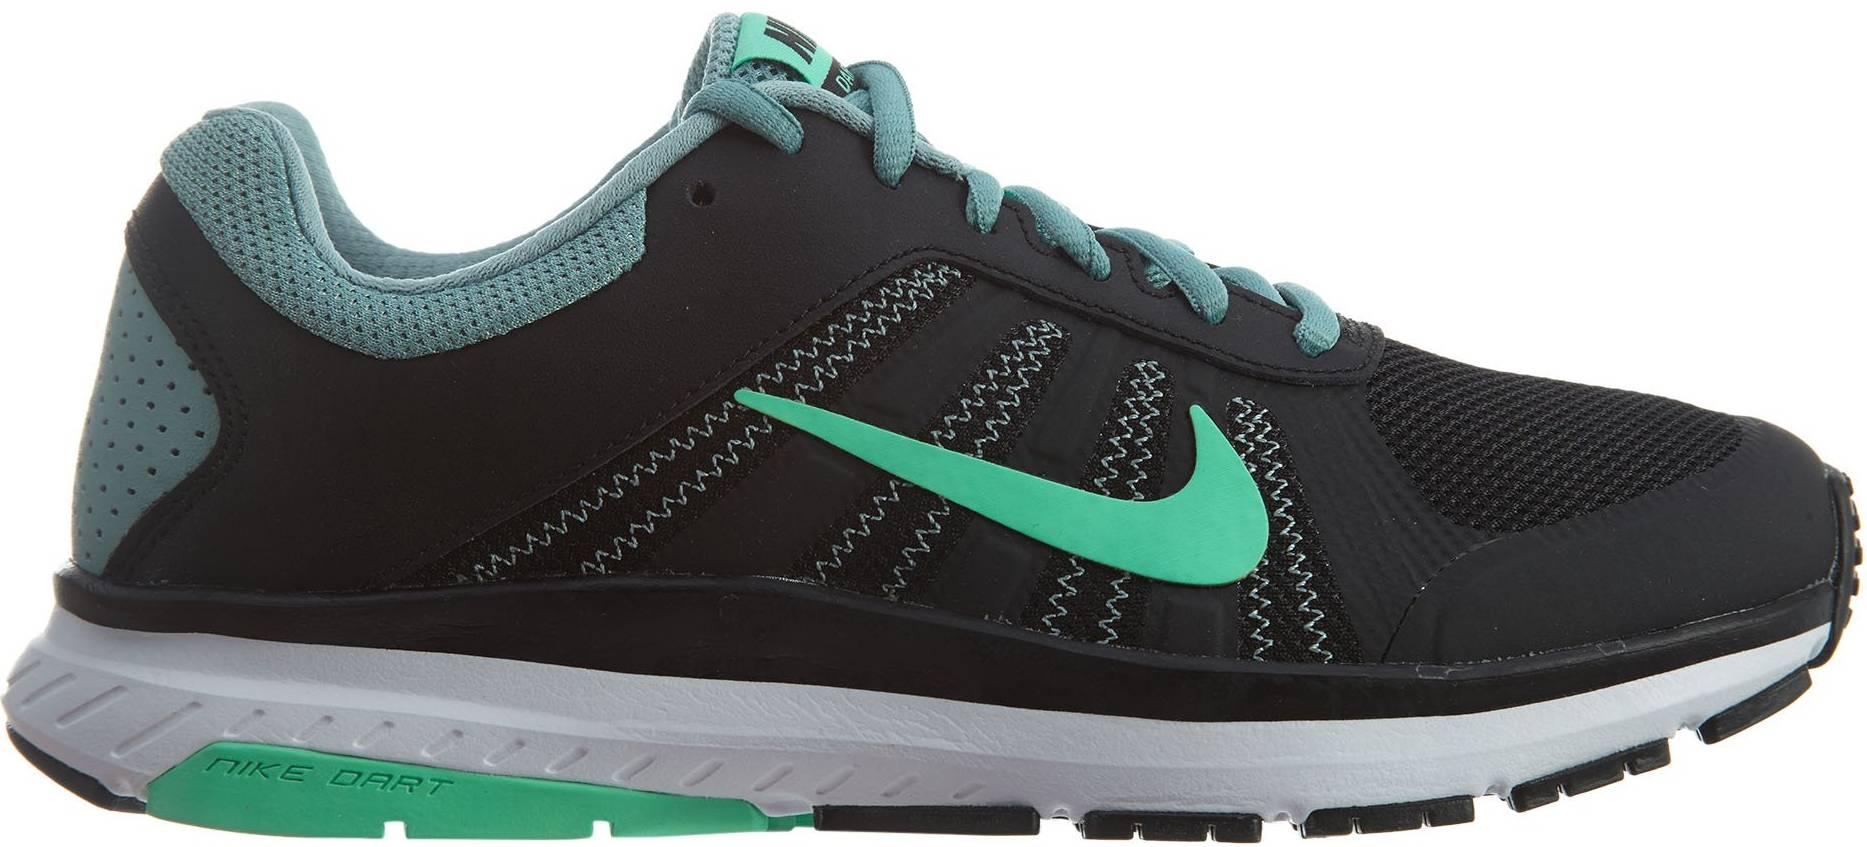 $67 + Review of Nike Dart 12 | RunRepeat